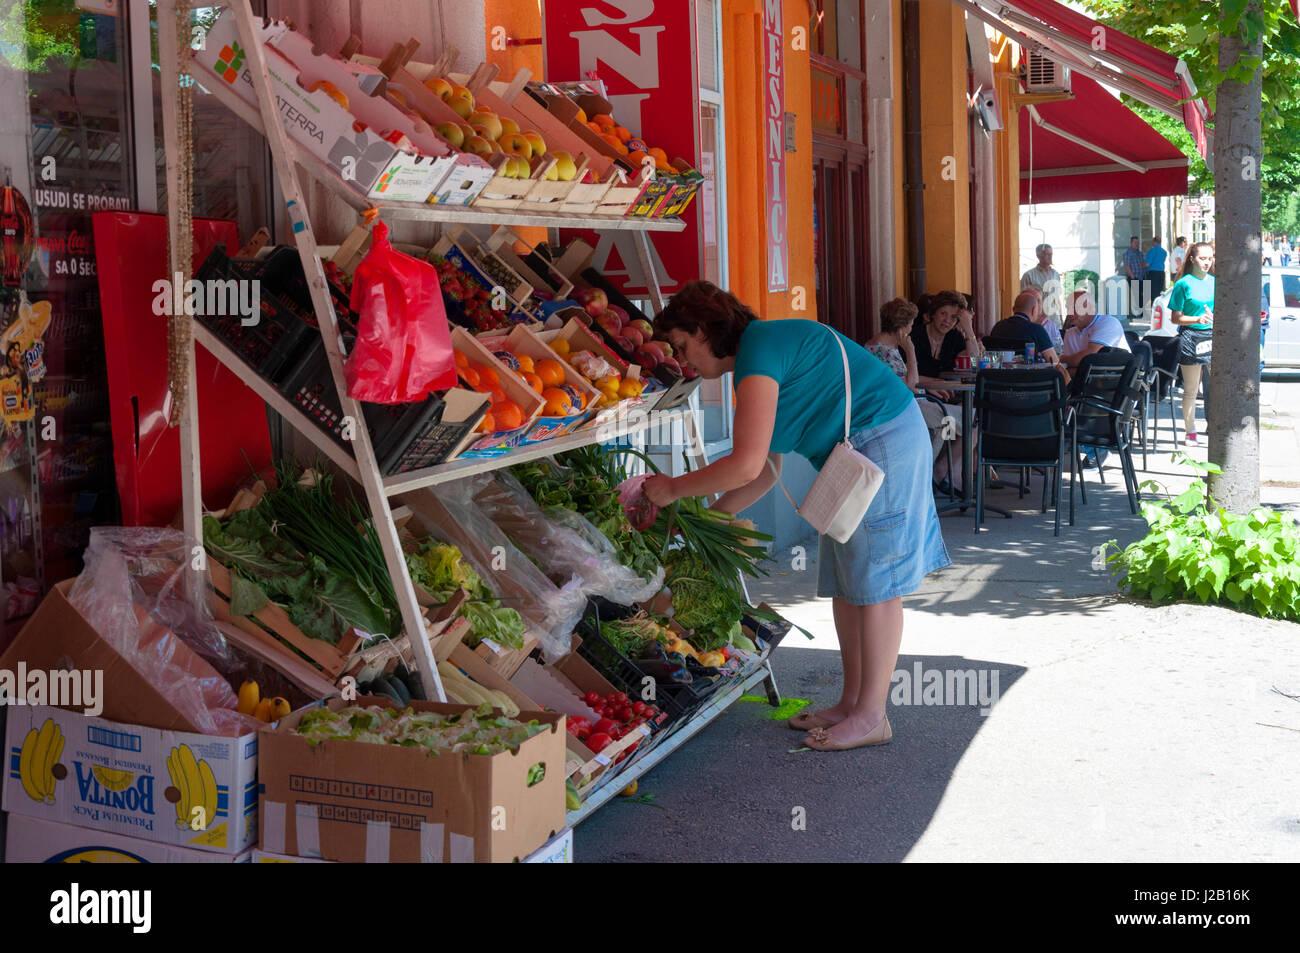 Mostar, Bosnien und Herzegowina, Straßenszene mit Obst-Gemüse-Shop und Café. Das tägliche Leben. Stockbild